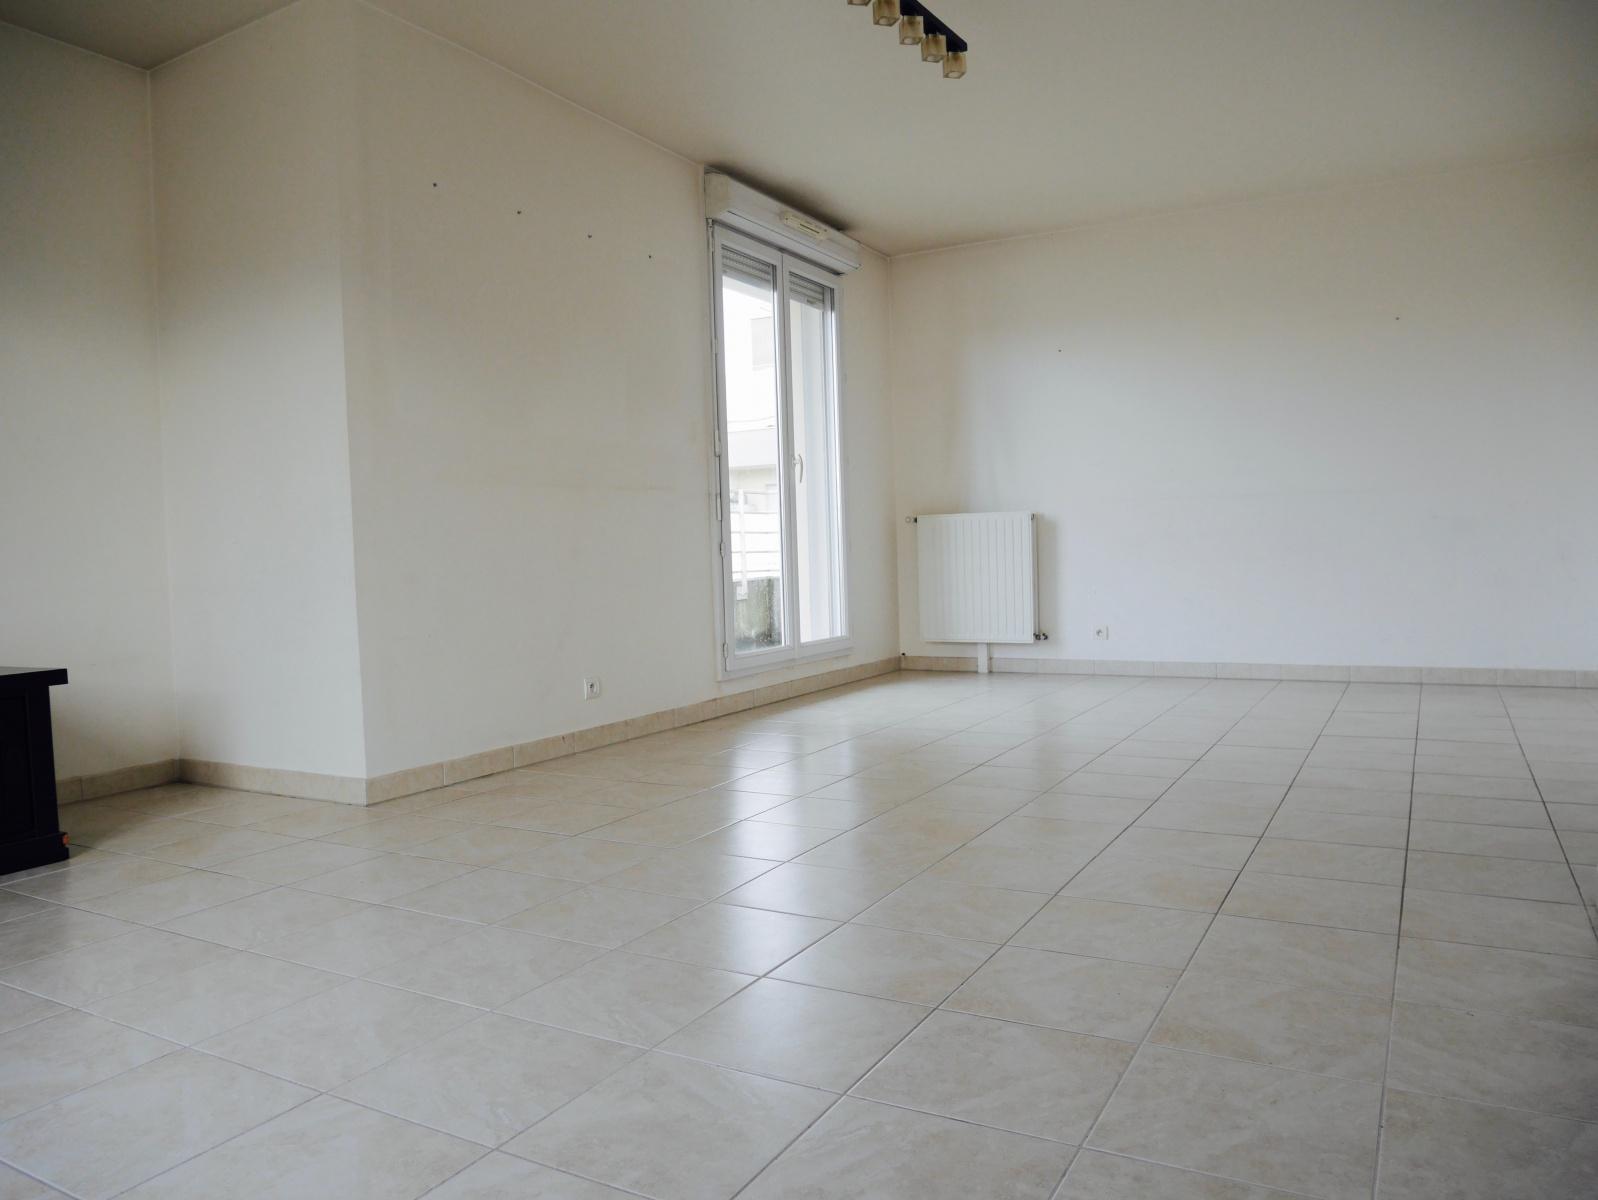 ORLY - 106.80m2 - Appartement - 5P - Calme et lumineux